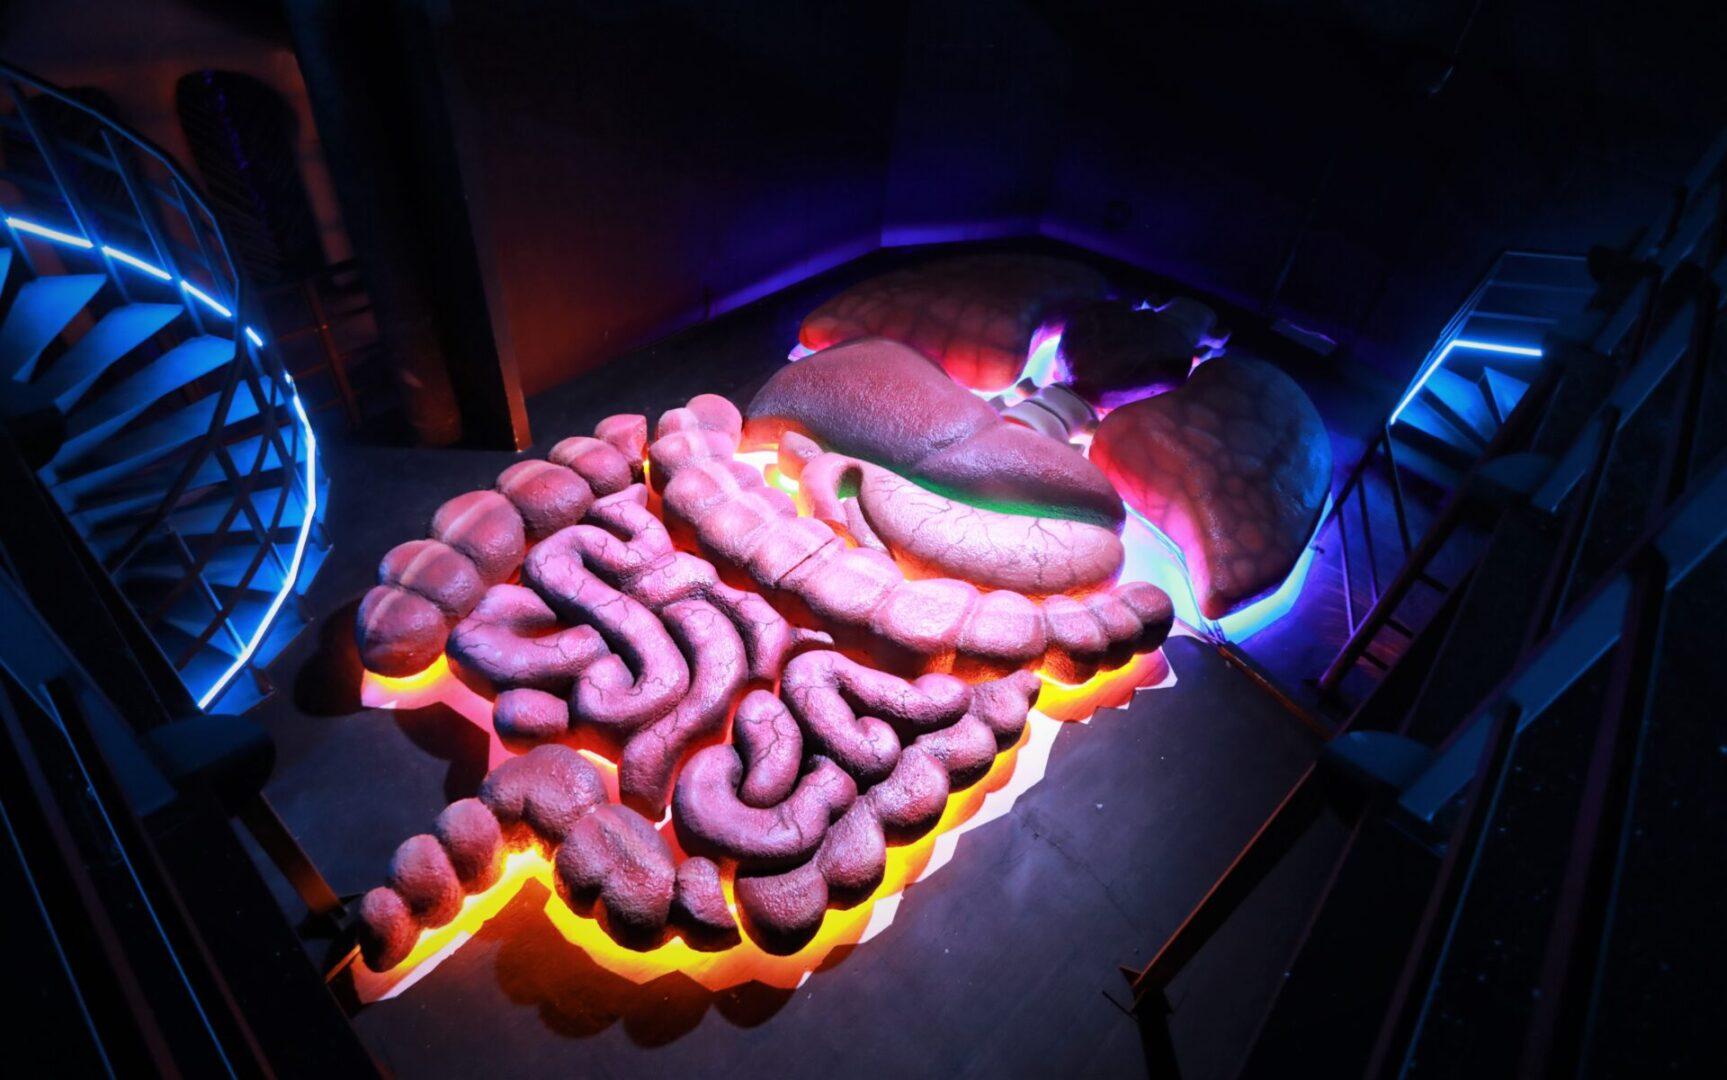 Художественное оформление аттракциона «Внутри человека» в парке развлечений «Galaxy» органы вид сбоку